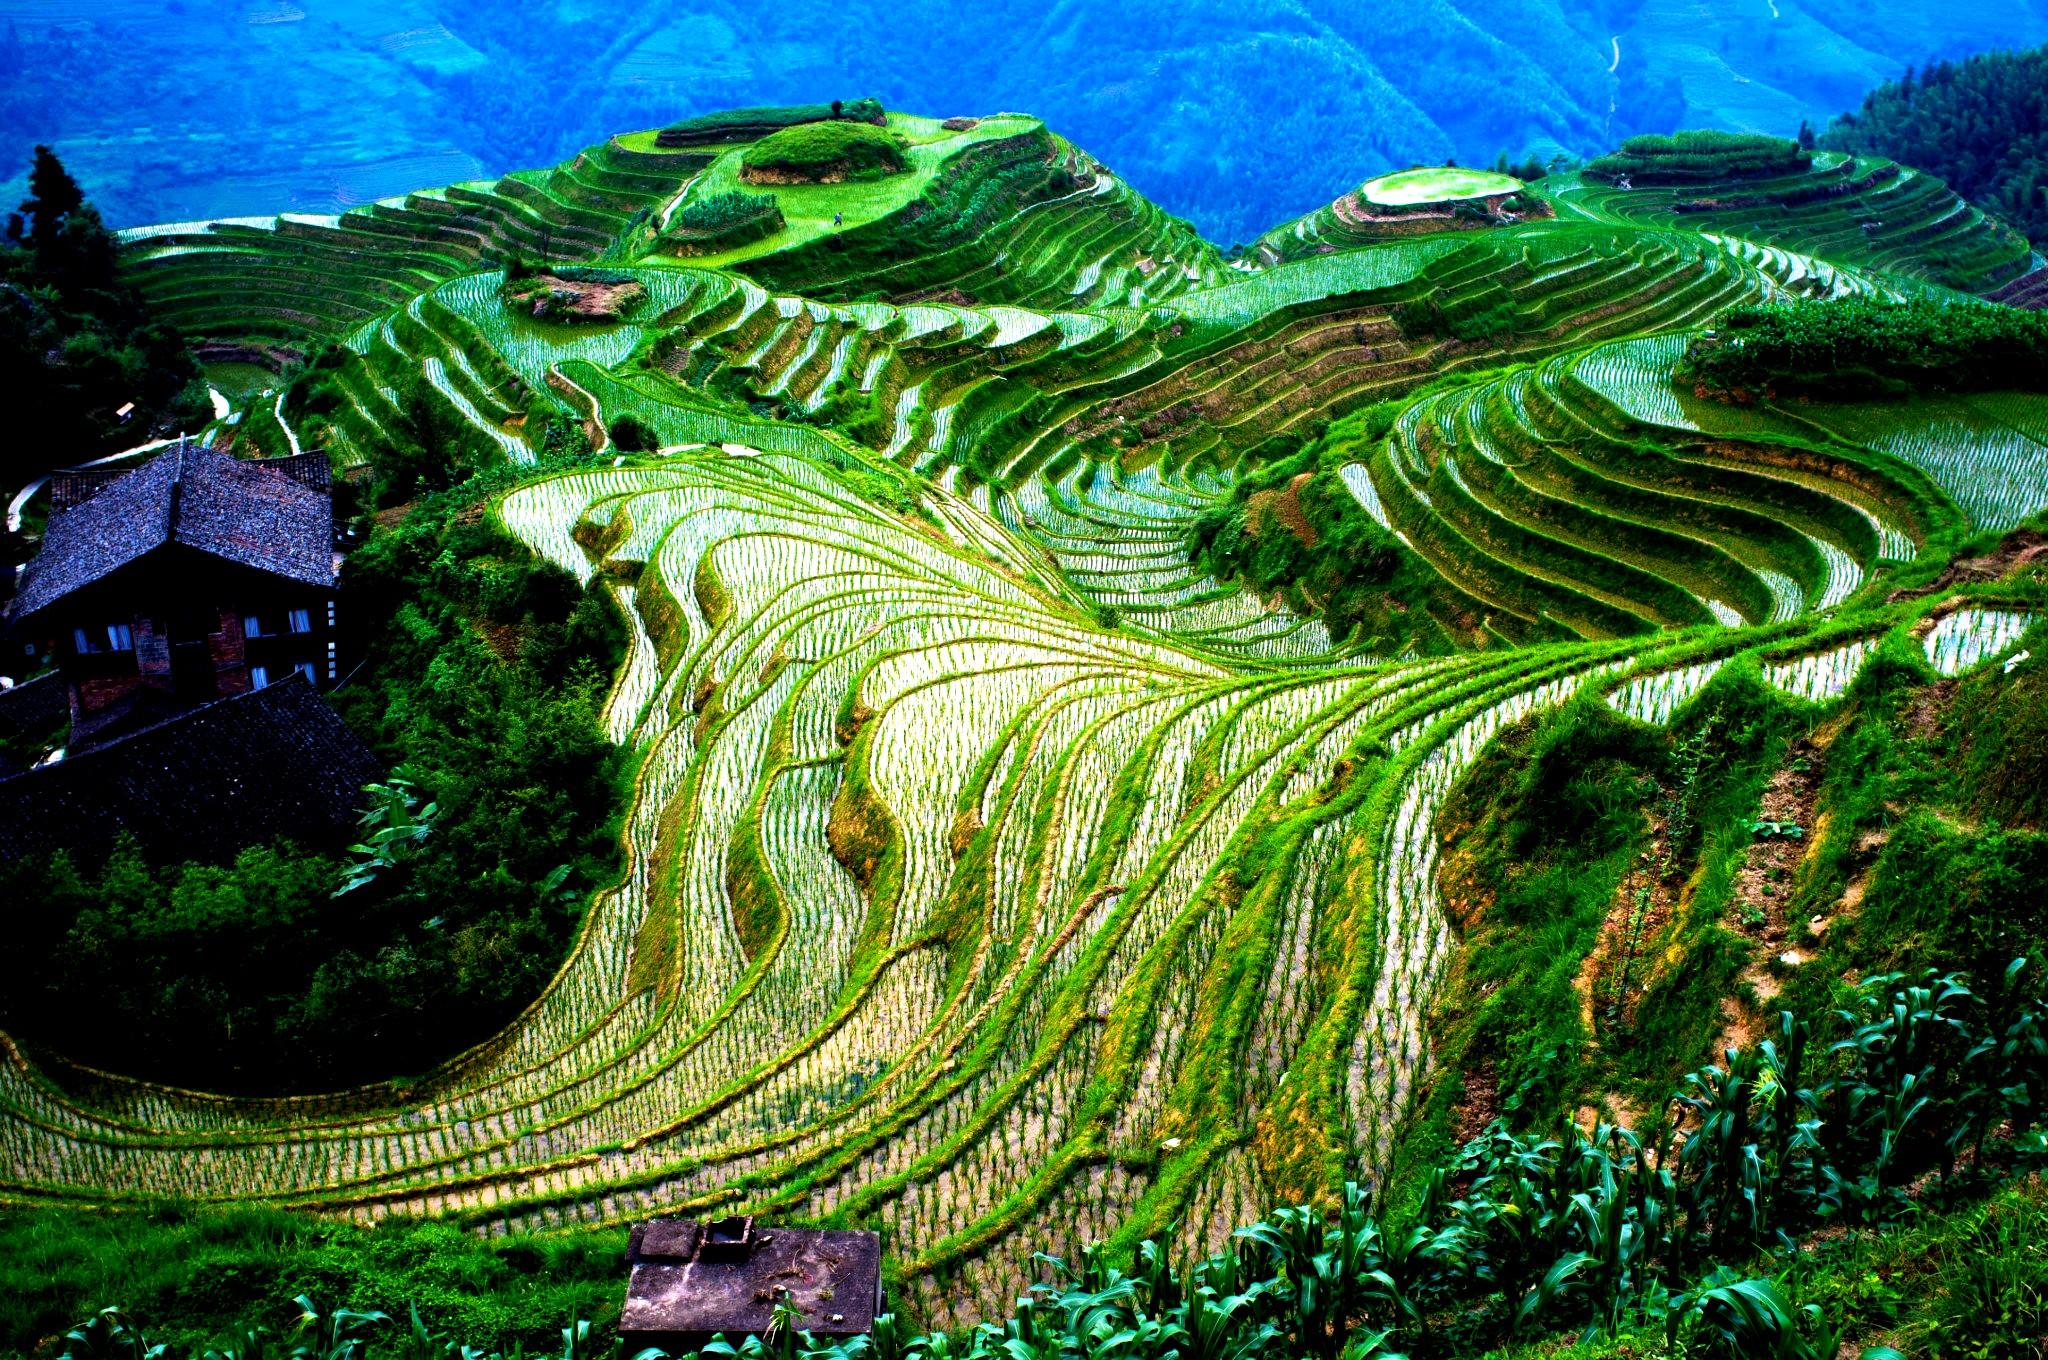 вид на рисовые террасы ифугао